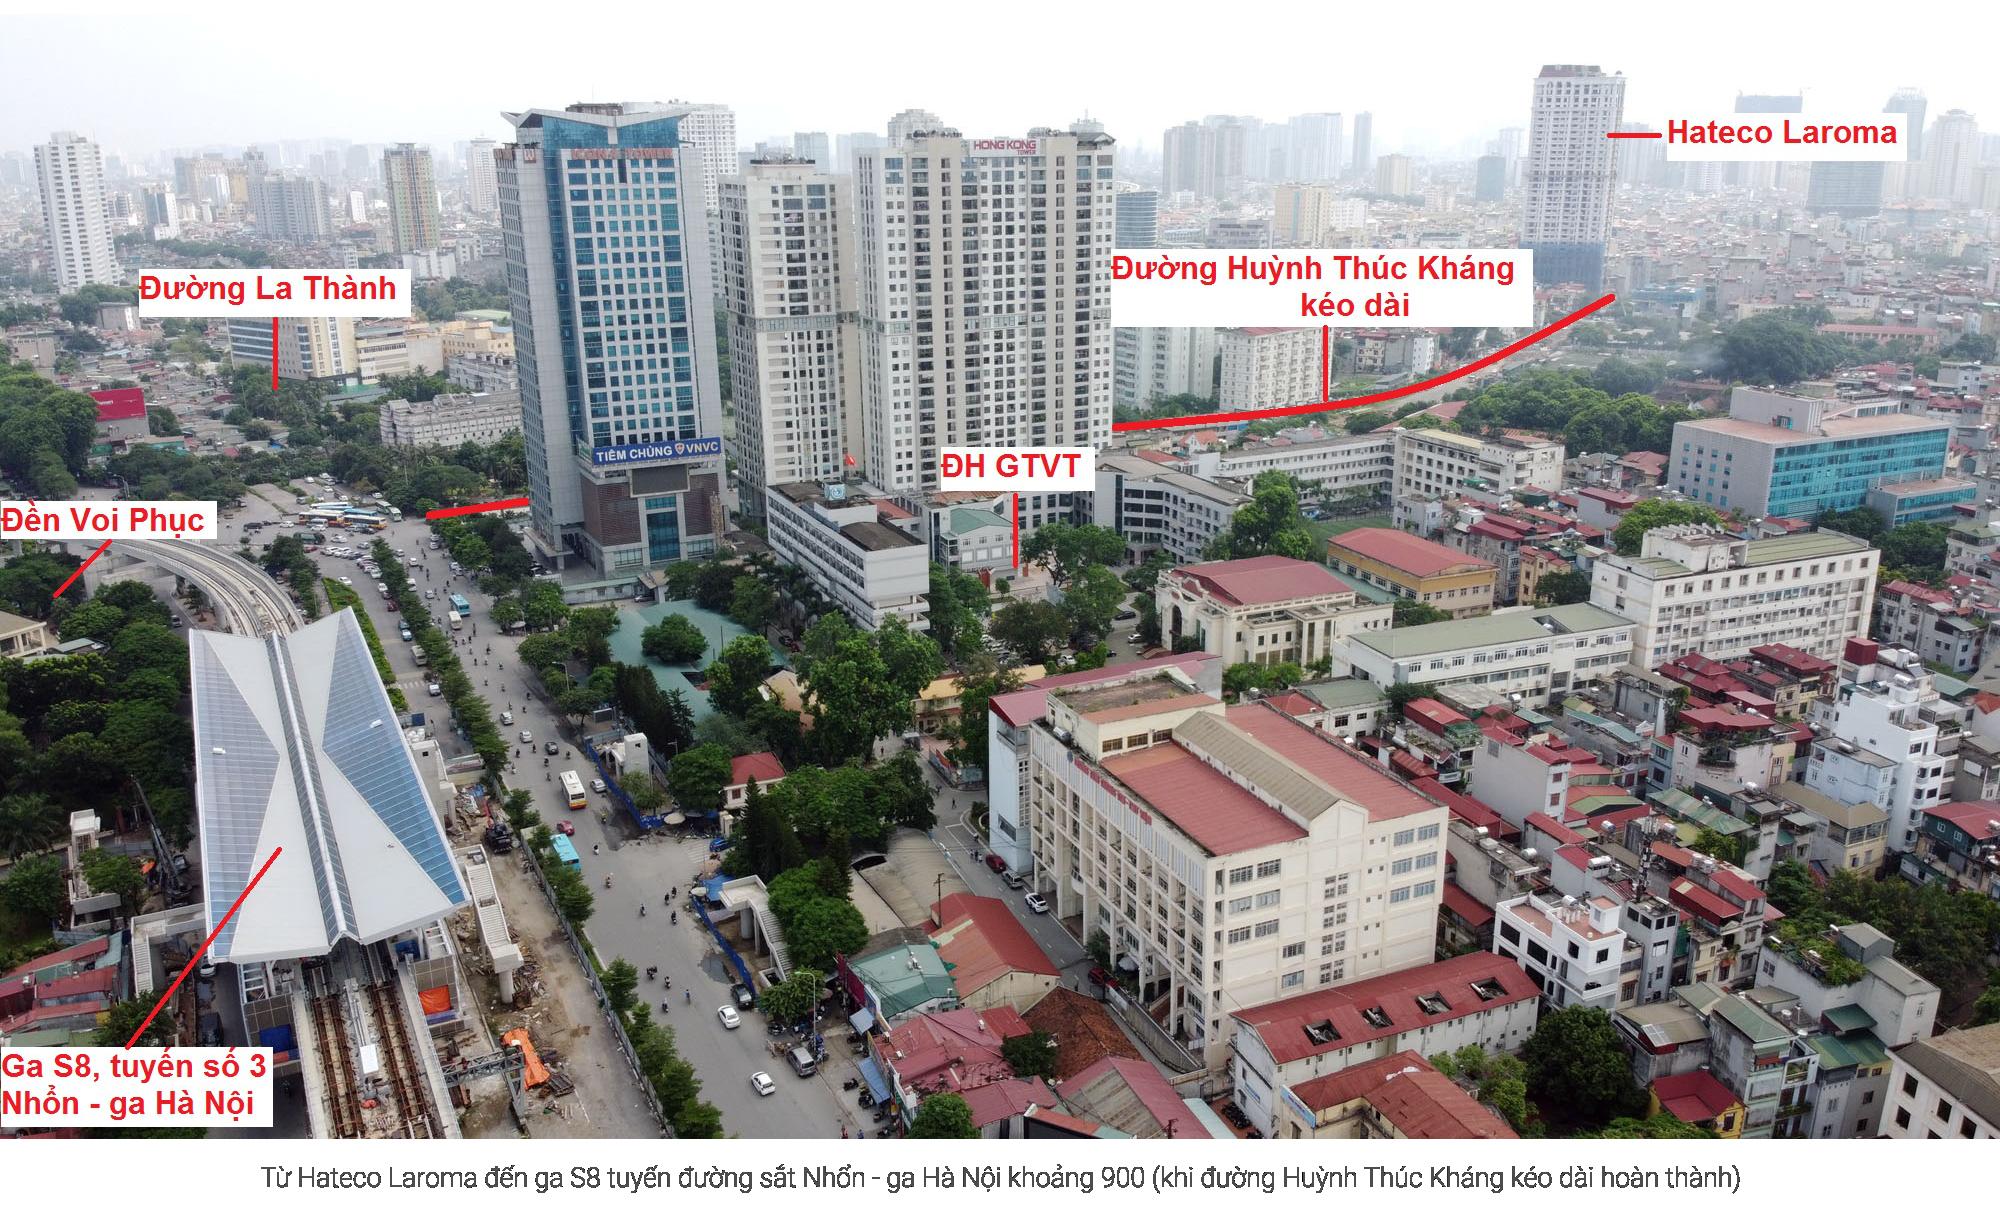 Review dự án Hateco Laroma đang mở bán: Mặt tiền đường 30 m đang mở ở nội đô Hà Nội - Ảnh 11.